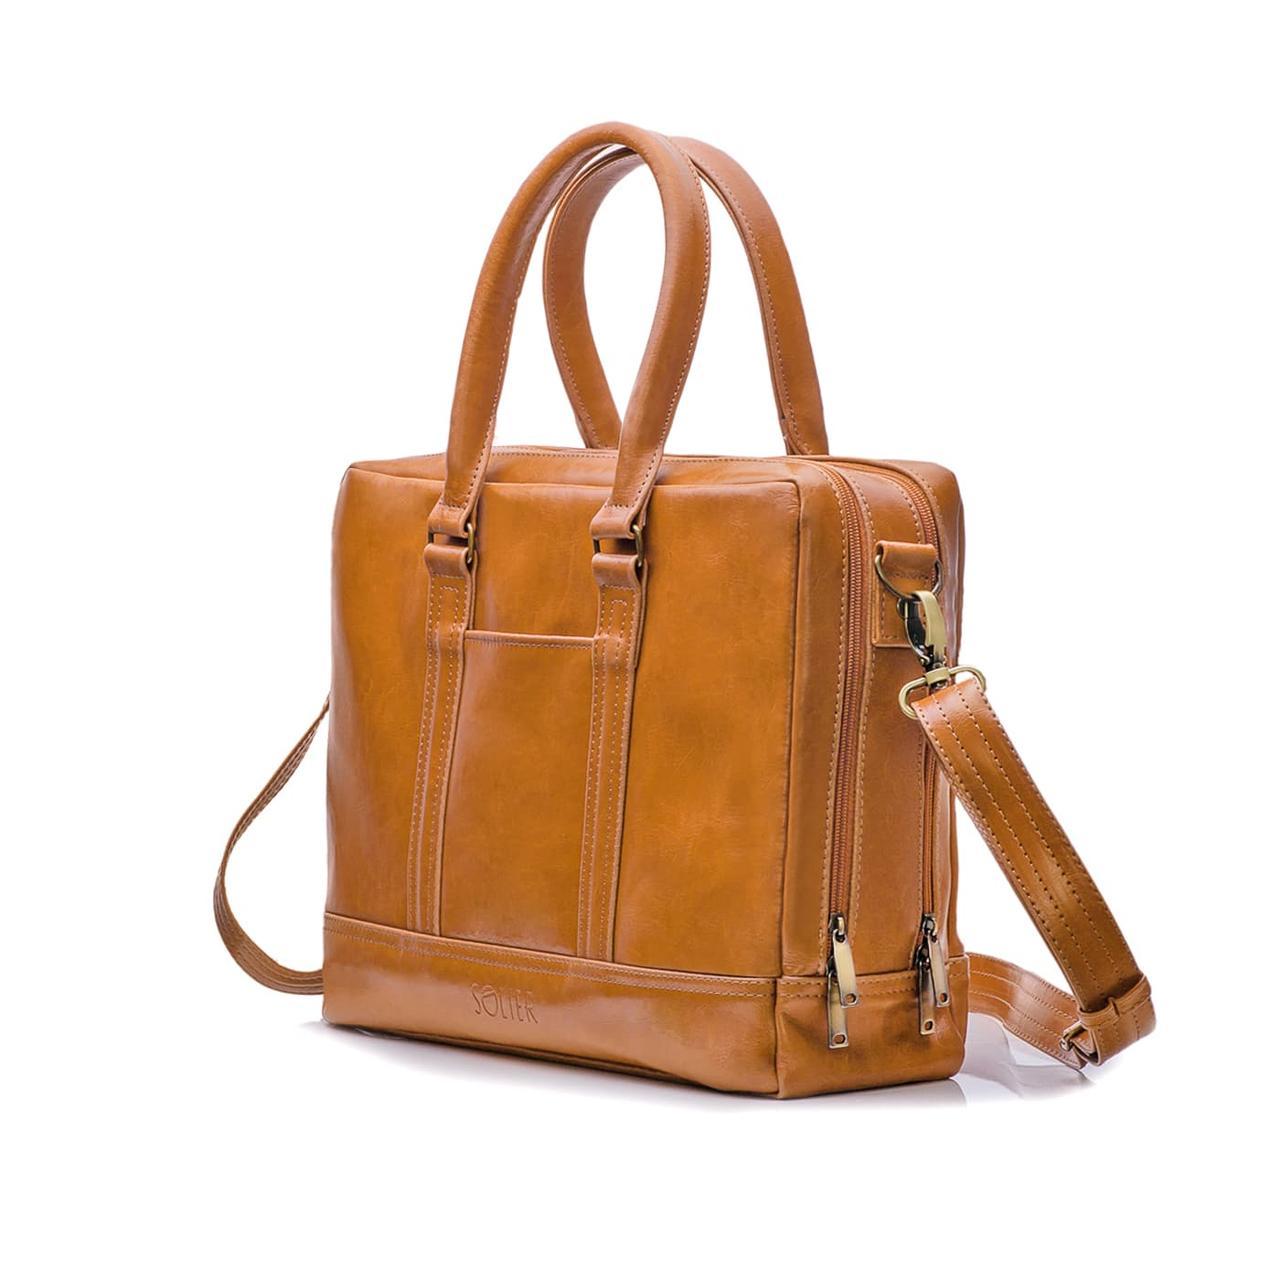 """Элегантная мужская кожаная сумка для ноутбука Solier 15 - 15,6"""" Светло-коричневая (SL02Camel)"""